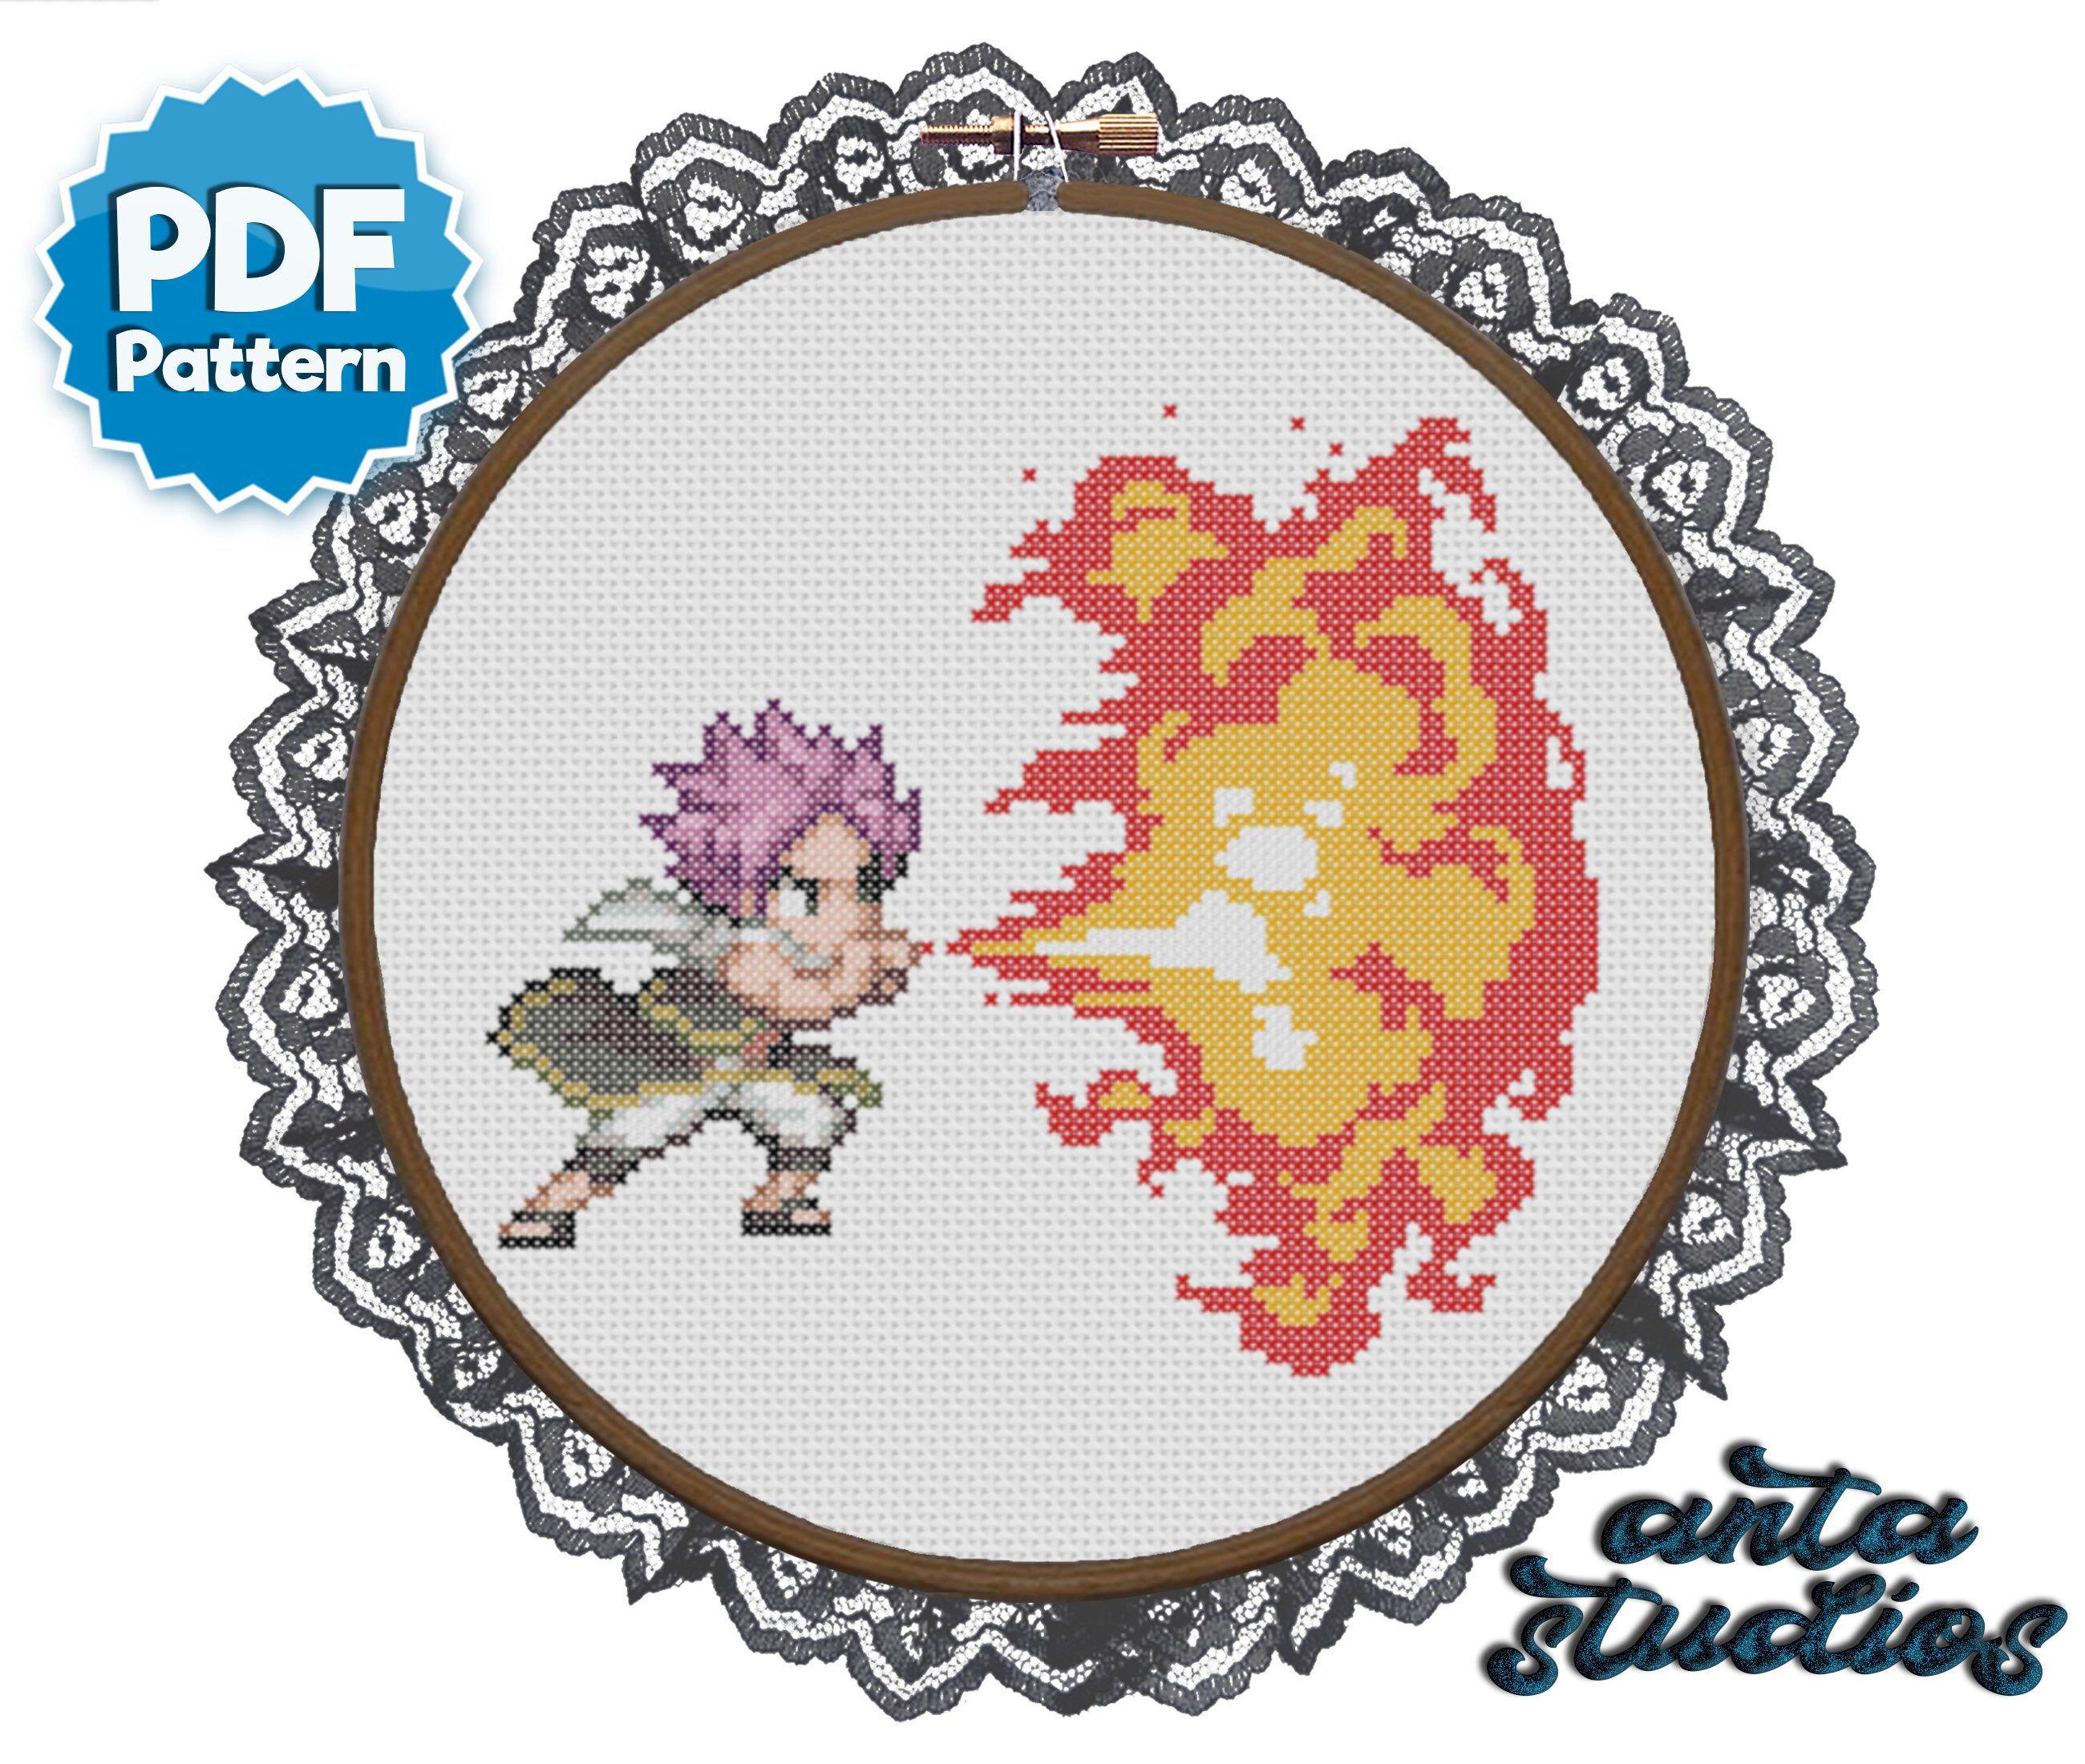 Fairy Tail Natsu Dragneel Fire Dragon Roar Anime Cross